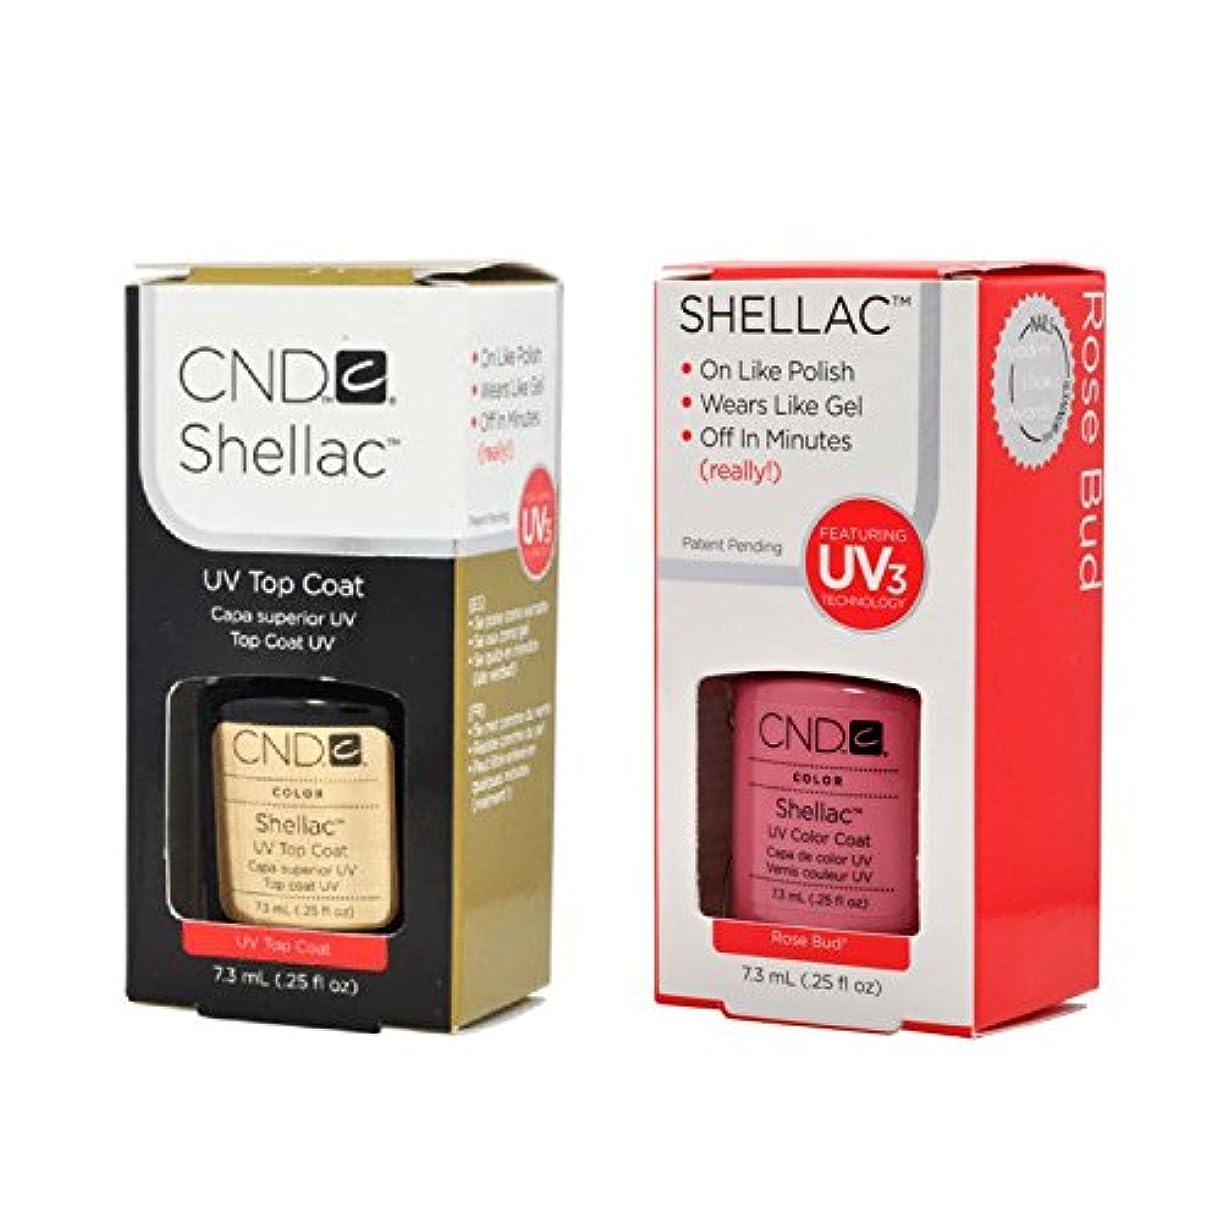 バーチャル財団玉ねぎCND Shellac UVトップコート 7.3m l  &  UV カラーコー< Rose Bud>7.3ml [海外直送品]